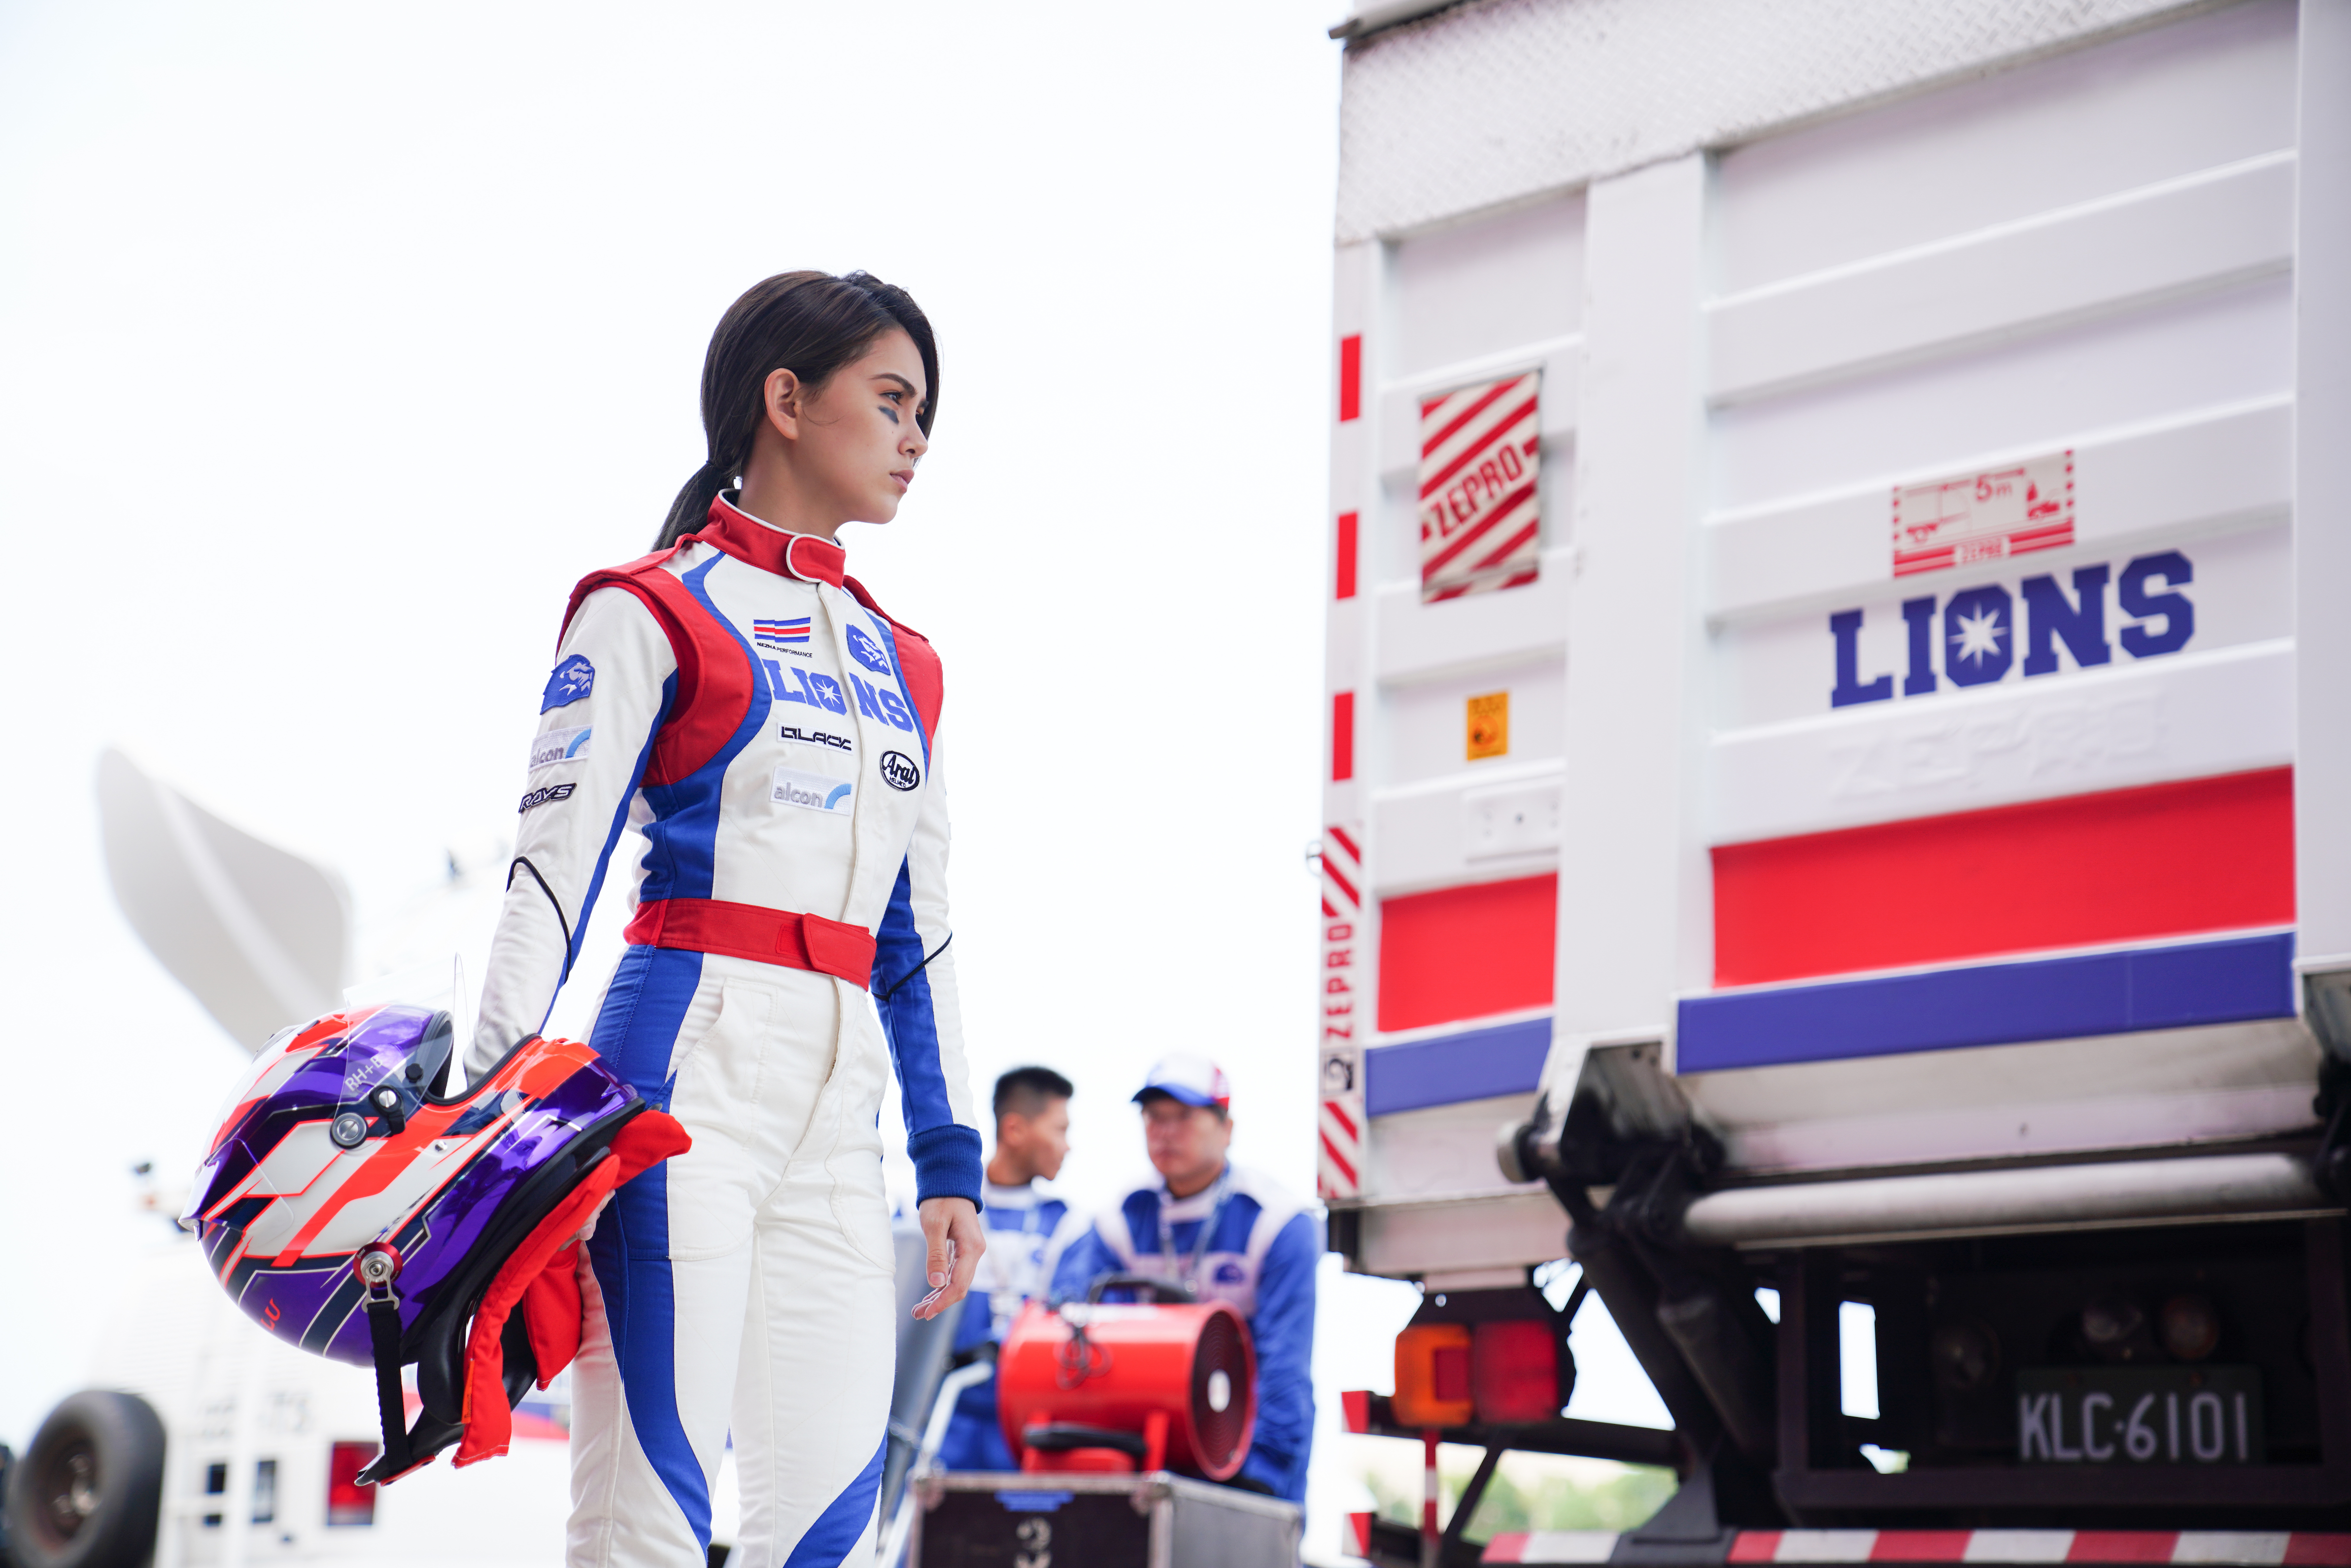 演員昆凌在電影《叱咤風雲》中飾演唯一的女賽車手。(創映電影、量能影業提供)